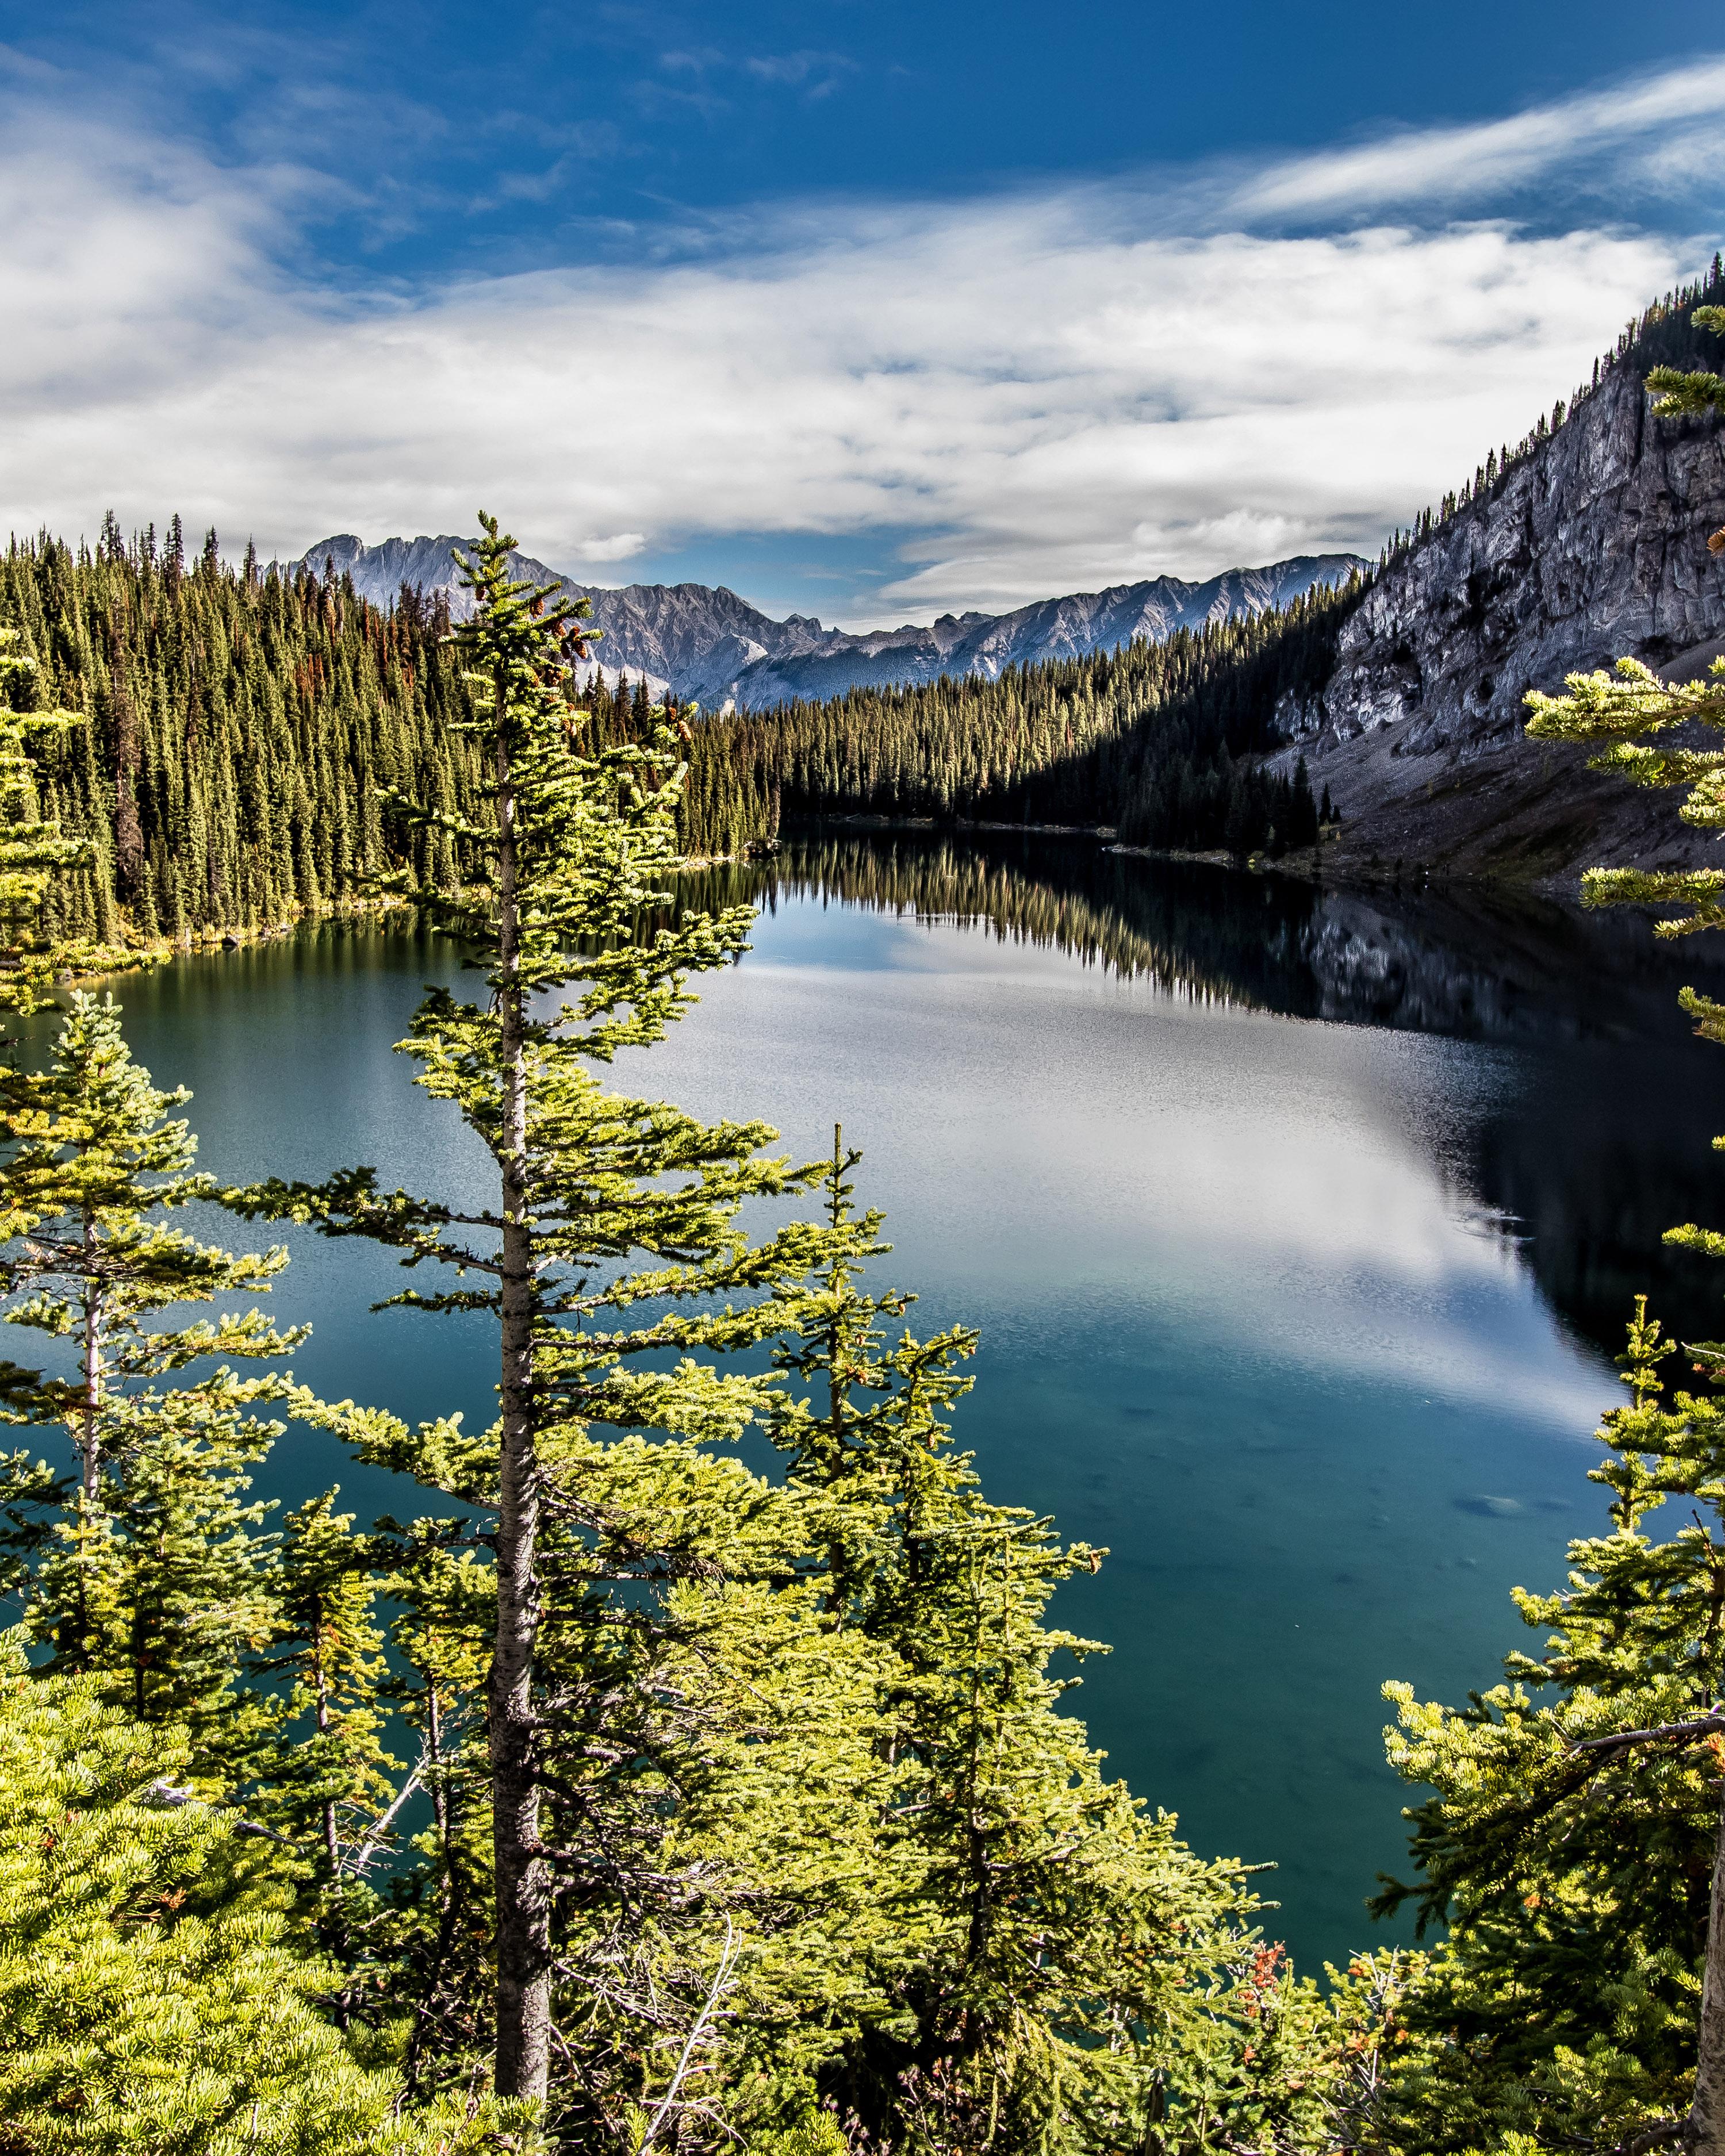 Rawson Lake - Hike - Marie Naudon